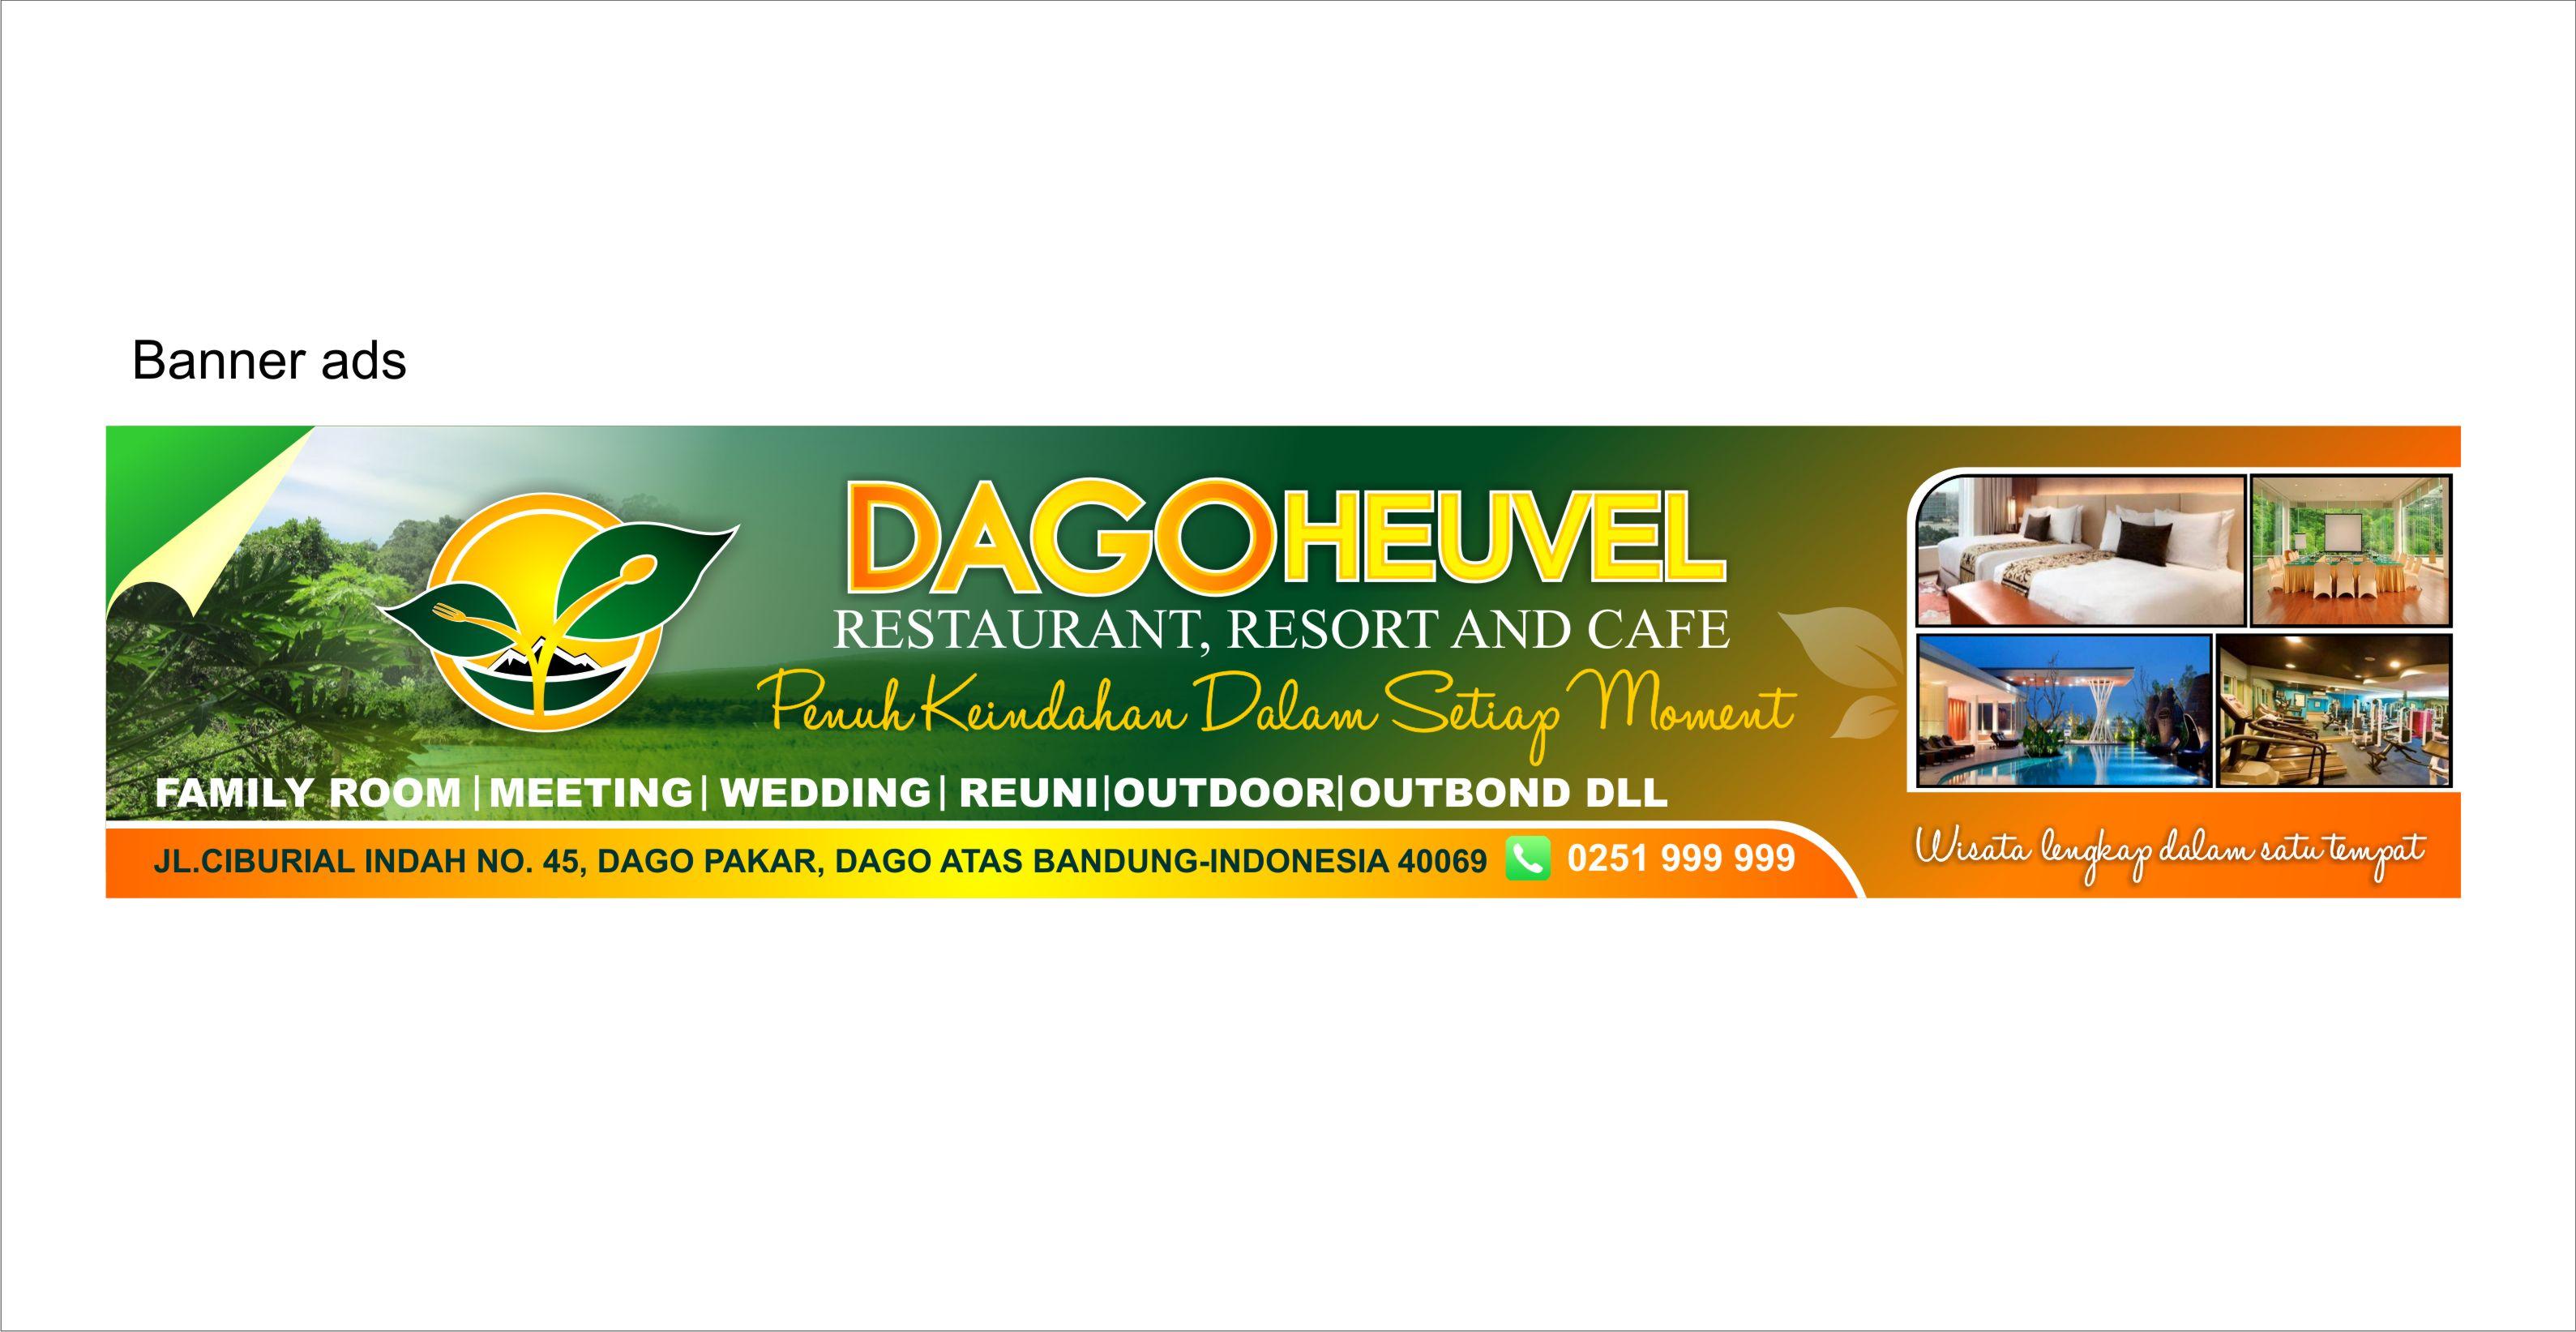 Sribu Banner Design Desain Spanduk Untuk Dago Heuvel